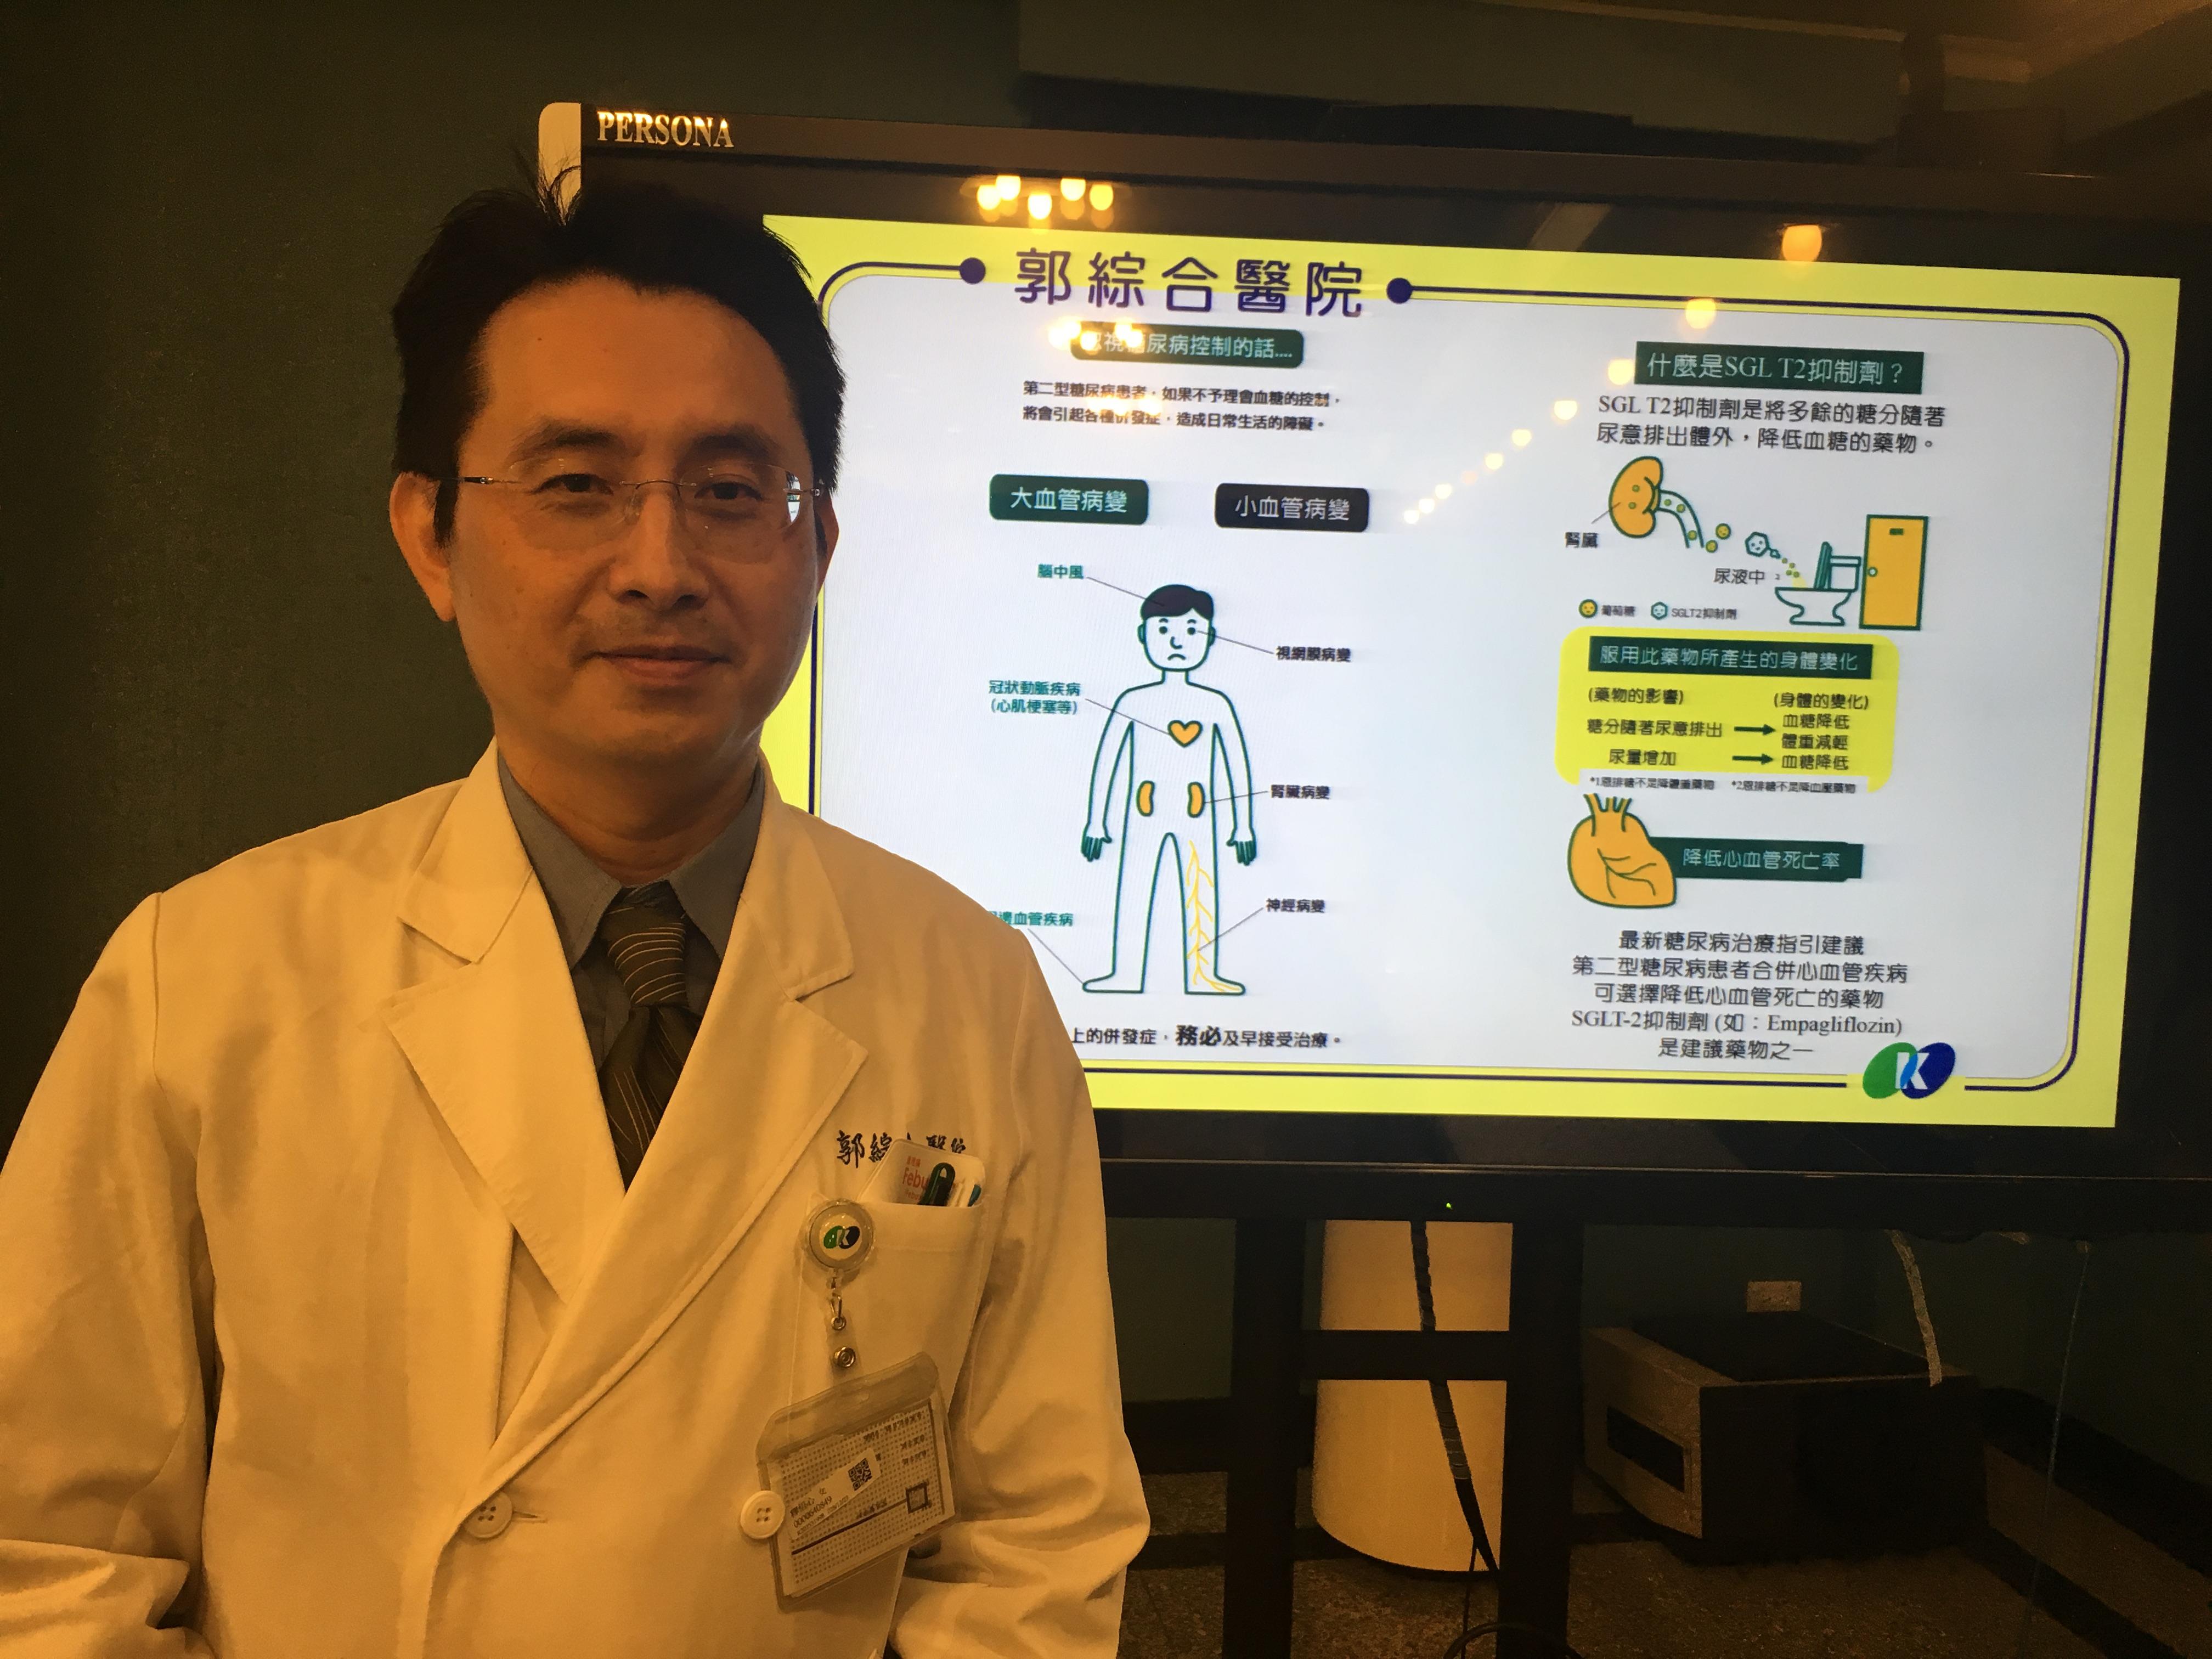 一兼二顧─降血糖體重又保護心腎功能 談第二型糖尿病治療新藥